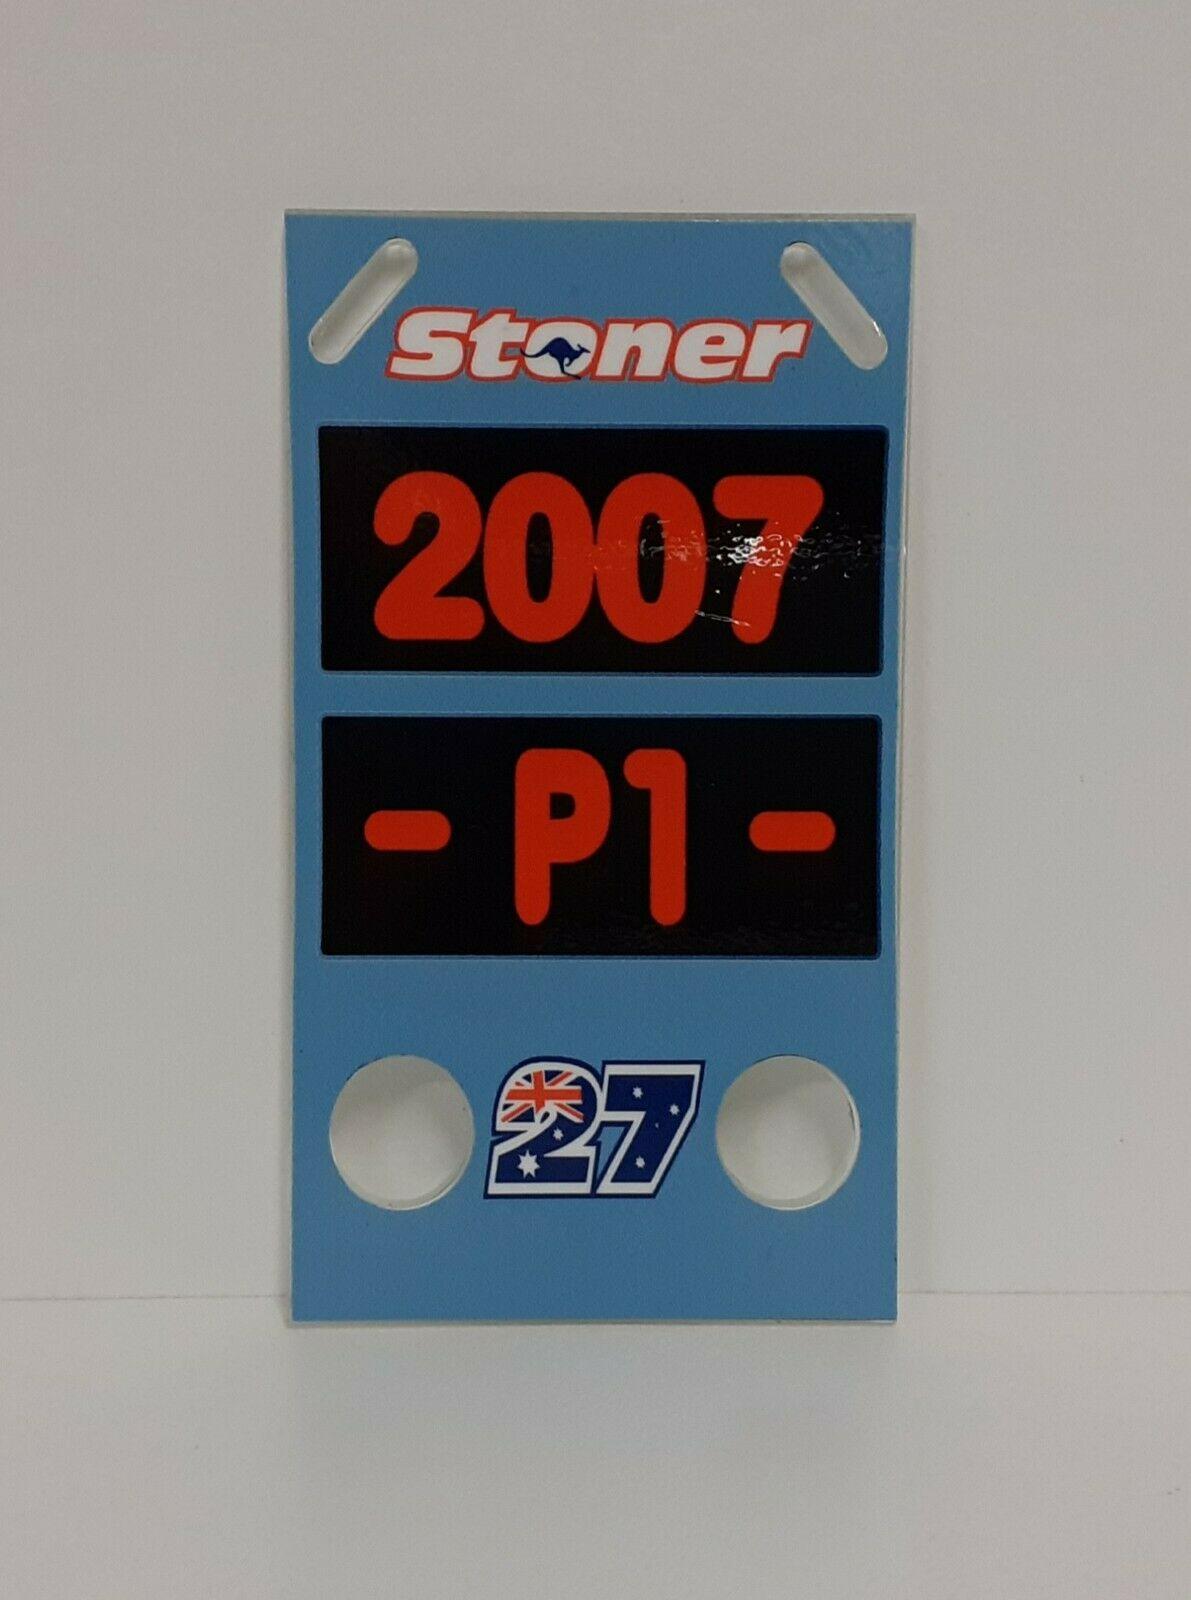 1/12 CASEY STONER PITBOARDS MOTO BANNER STAND BOX DUCATI 2007 MODELLISMO STATICO